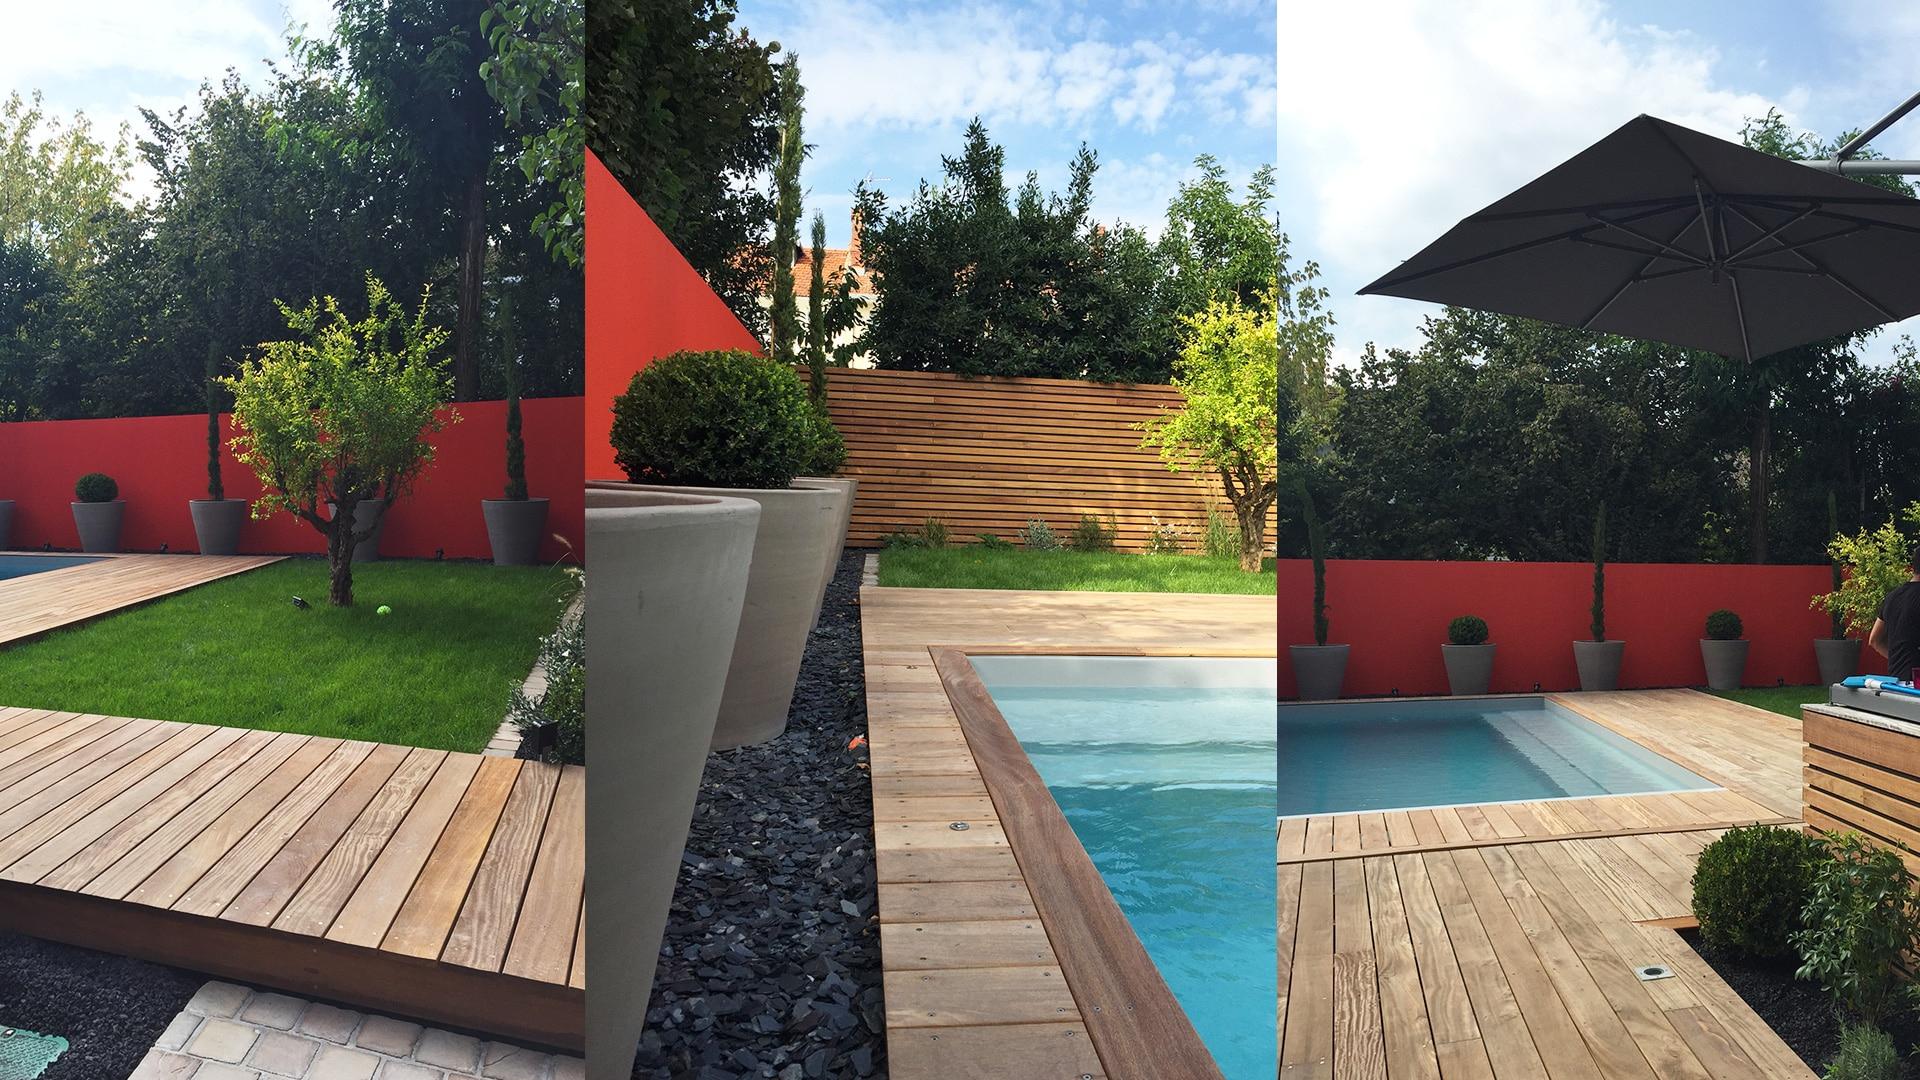 Aménagement Extérieur D'Une Piscine À Bordeaux intérieur Conception Jardin Piscine Bordeaux